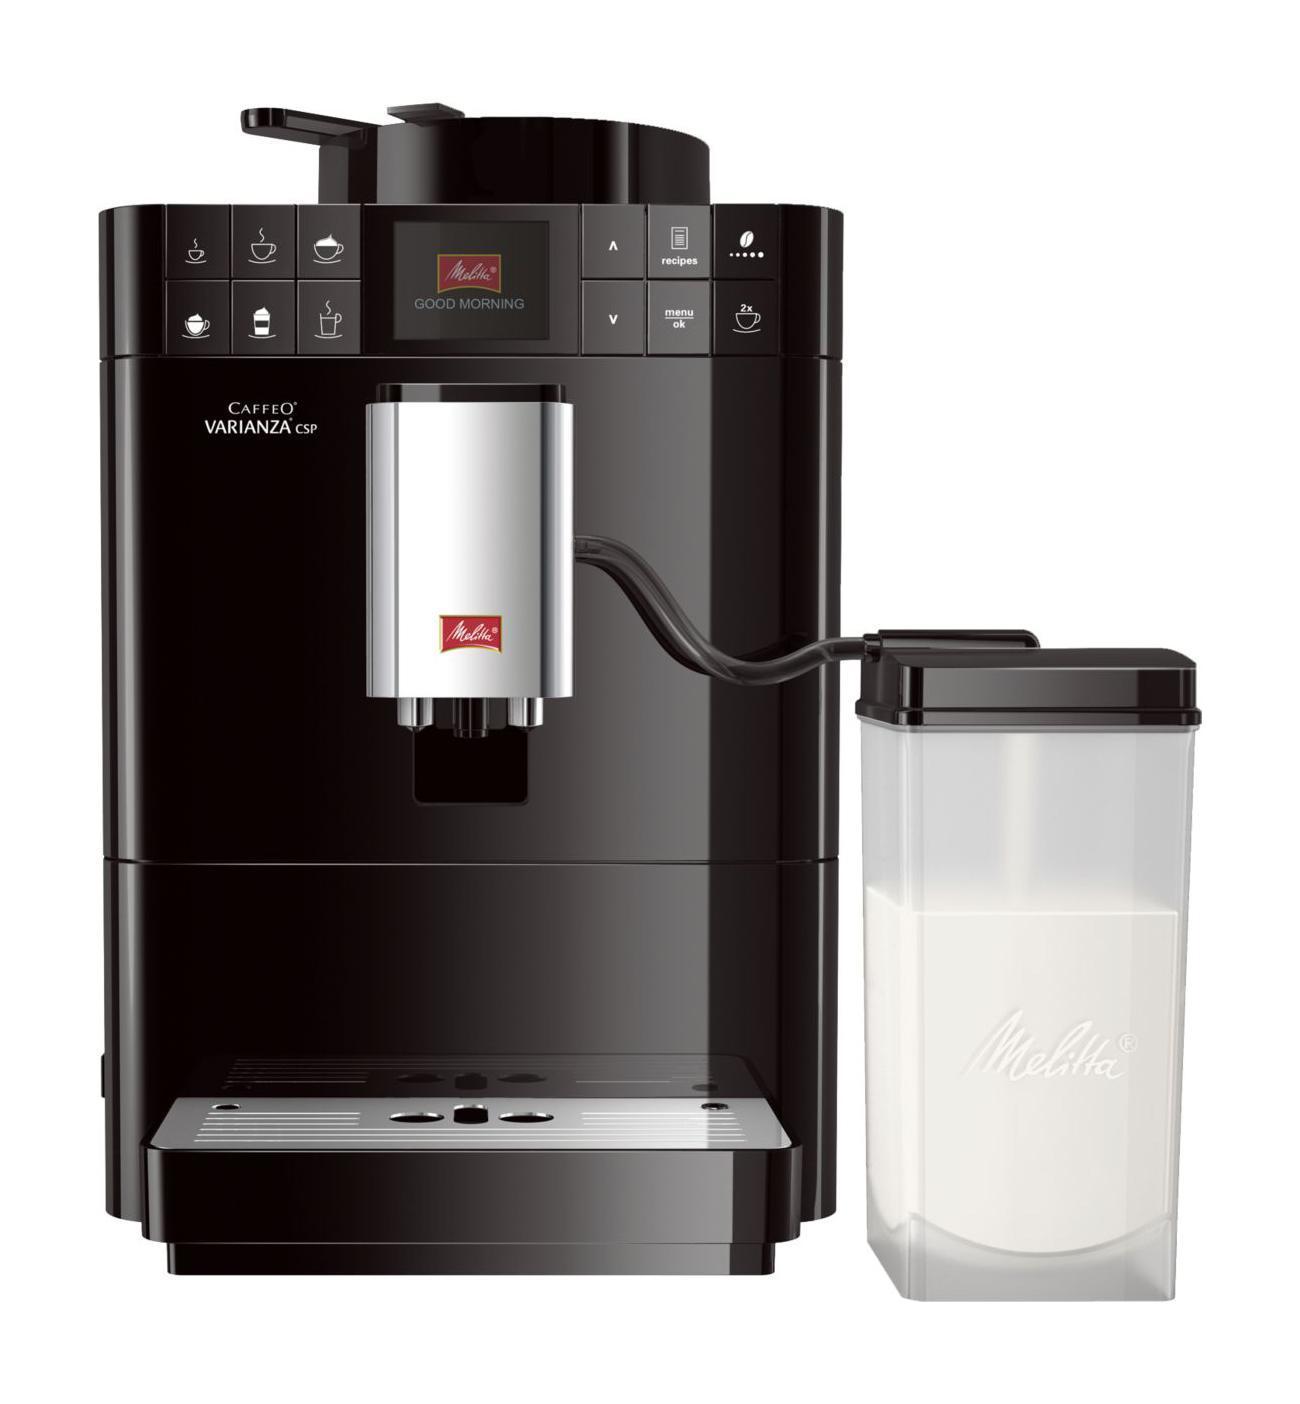 Melitta Caffeo F 570-102 Varianza CSP, Black кофемашина6708795MISSION eco & careМы разработали лэйбл, который помогает потребителям в выборе продукции,гарантирующей ощутимоенаслаждение. В основе данного лэйбла лежит разработанная нами система ценностейMy Bean SelectMy Bean Selectот Melitta позволяет Вам свободно выбирать тип зерна из всего многообразия, доступного с каждой новой чашкой кофе. Наряду со стандартным контейнером для зерен, эта инновация даст Вам возможность попробовать различные типы зерен для каждой новой чашки. Это действительно просто с практичной мерной ложечкой, входящей в комплектСистема Best Aroma System PLUSечать Aromasafe на контейнере для зерен означает, что вкус и аромат кофейных зерен надежно сохранены. Функция Bean to Cup обеспечивает помол и варку только того количества зерен, которое Вам необходимо. Кофемолка работает до полного опустошения, тем самым предотвращая смешивание различных сортов зерен. Уникальные процессы предварительного замачивания и экстракции (A.E.S.) гарантируют превосходное раскрытие вкуса и аромата кофеКомпактная конструкция, современный дизайнКофемашина Caffeo Varianza устанавливает новые стандарты компактности. Форма куба впечатляет визуально и, кроме того, очень компактна, поэтому Вы сможете найти подходящее место для кофемашины в любом местеФункция One TouchЕсли Вы захотите приготовить одну из шести запрограммированных разновидностей кофе, теплое молоко, молочную пенку или горячую воду – сделайте это всего одним нажатием10 сортов кофеБлагодаря кнопкам управления, вы можете выбрать один из 4 классических рецептов – эспрессо, кафе крема, капучино и латте макиато нажатием одной кнопки. Используя функцию рецепта, Вы можете приготовить 6 дополнительных разновидностей кофе: ристретто, лунго, американо, эспрессо макиато, латте, кофе с молокомОригинальный процесс приготовленияприготовление кофе требует соблюдения определенной последовательности добавляемых ингредиентов. Так, например, для приготовления Latte Macchiato эспр